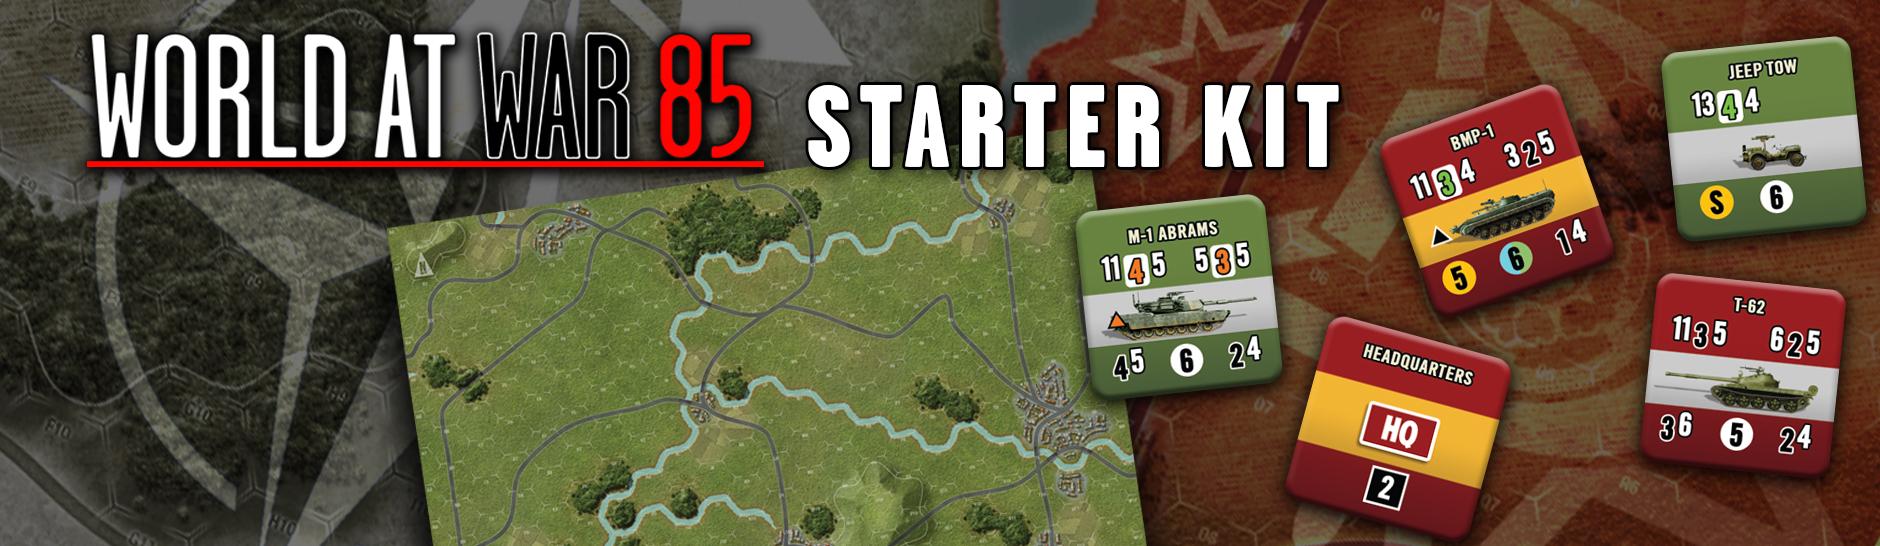 Starter Kit Banner.jpg